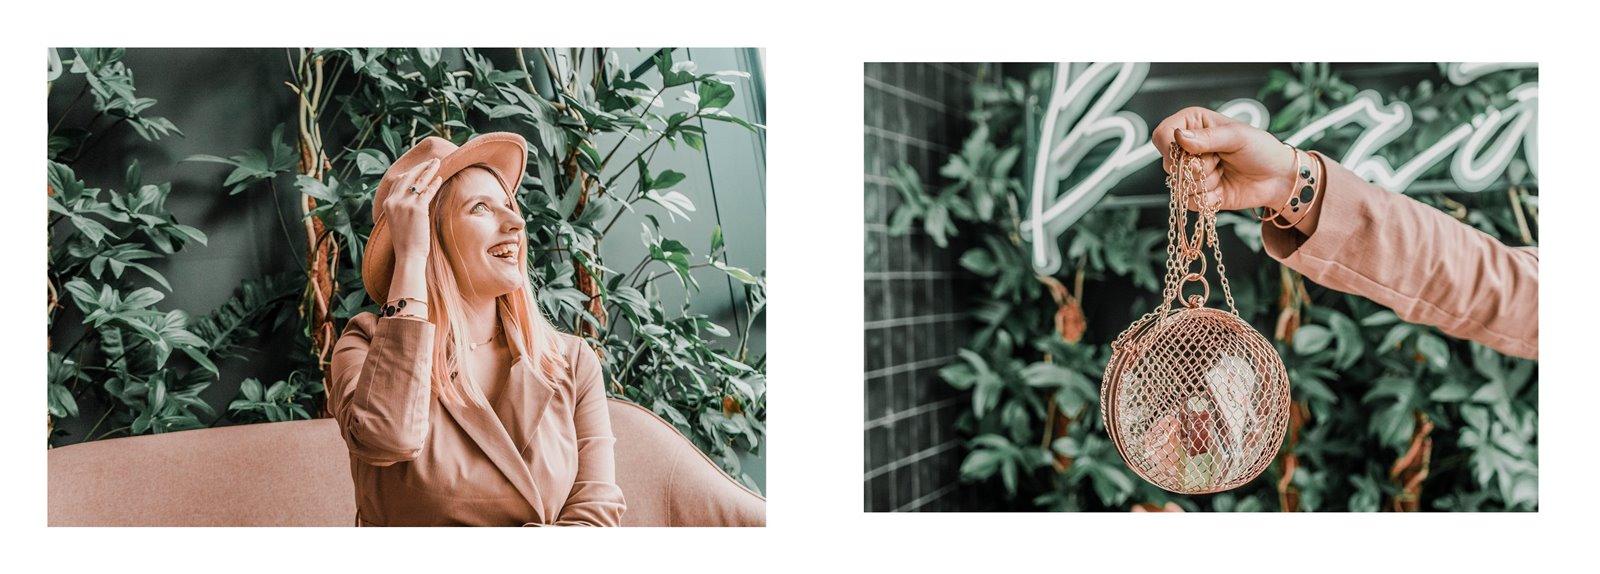 5a nakd sukienka julia wieniawa kolekcja ubrań cena gdzie kupić sukienka trendy na wiosnę 2019 sukienka o kroju płaszcza jak nosić kapelusz złota biżuteria apart torebka asos outlet satisfashion ocena jakość opinie łódź